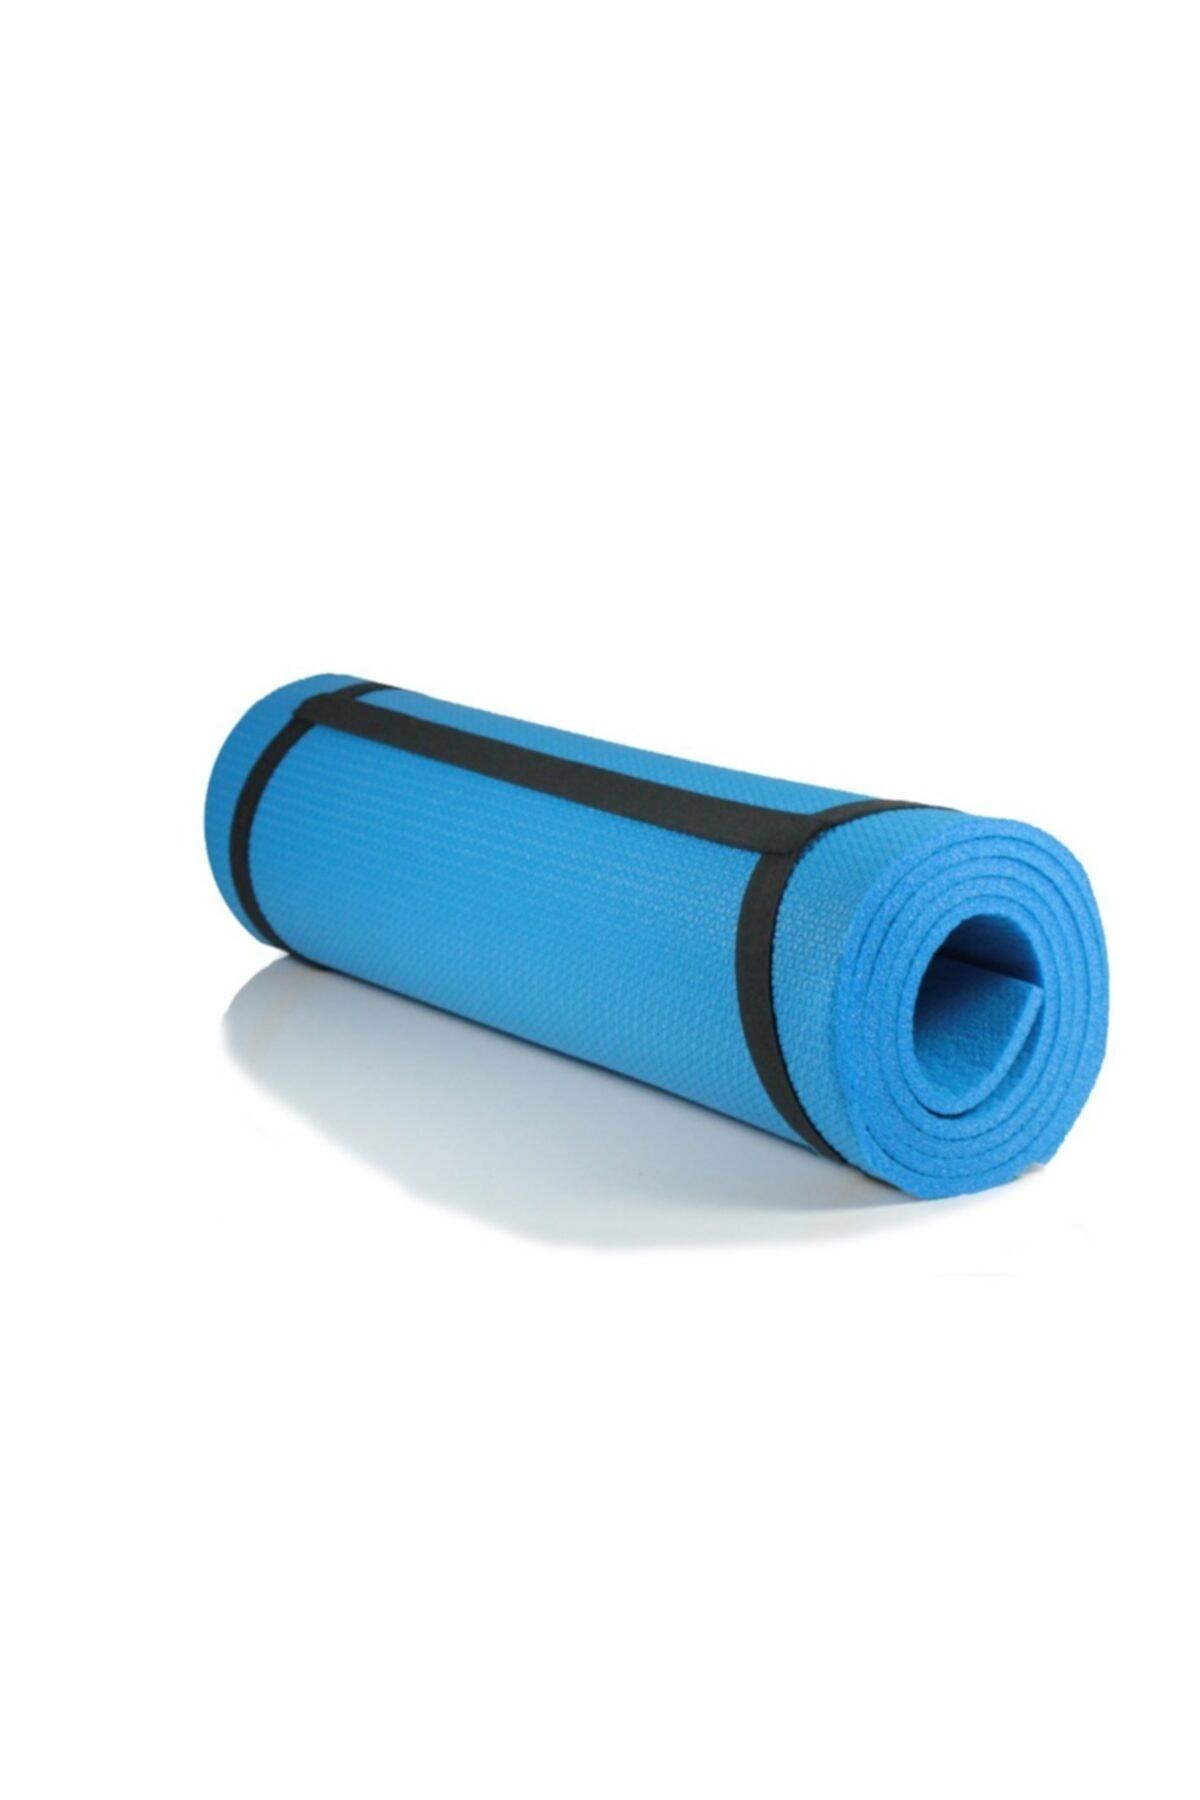 Walke 7 Mm Kalınlık Pilates Matı Yoga Matı Kamp Matı Mavi Boy 150 Cm En 51 Cm 1